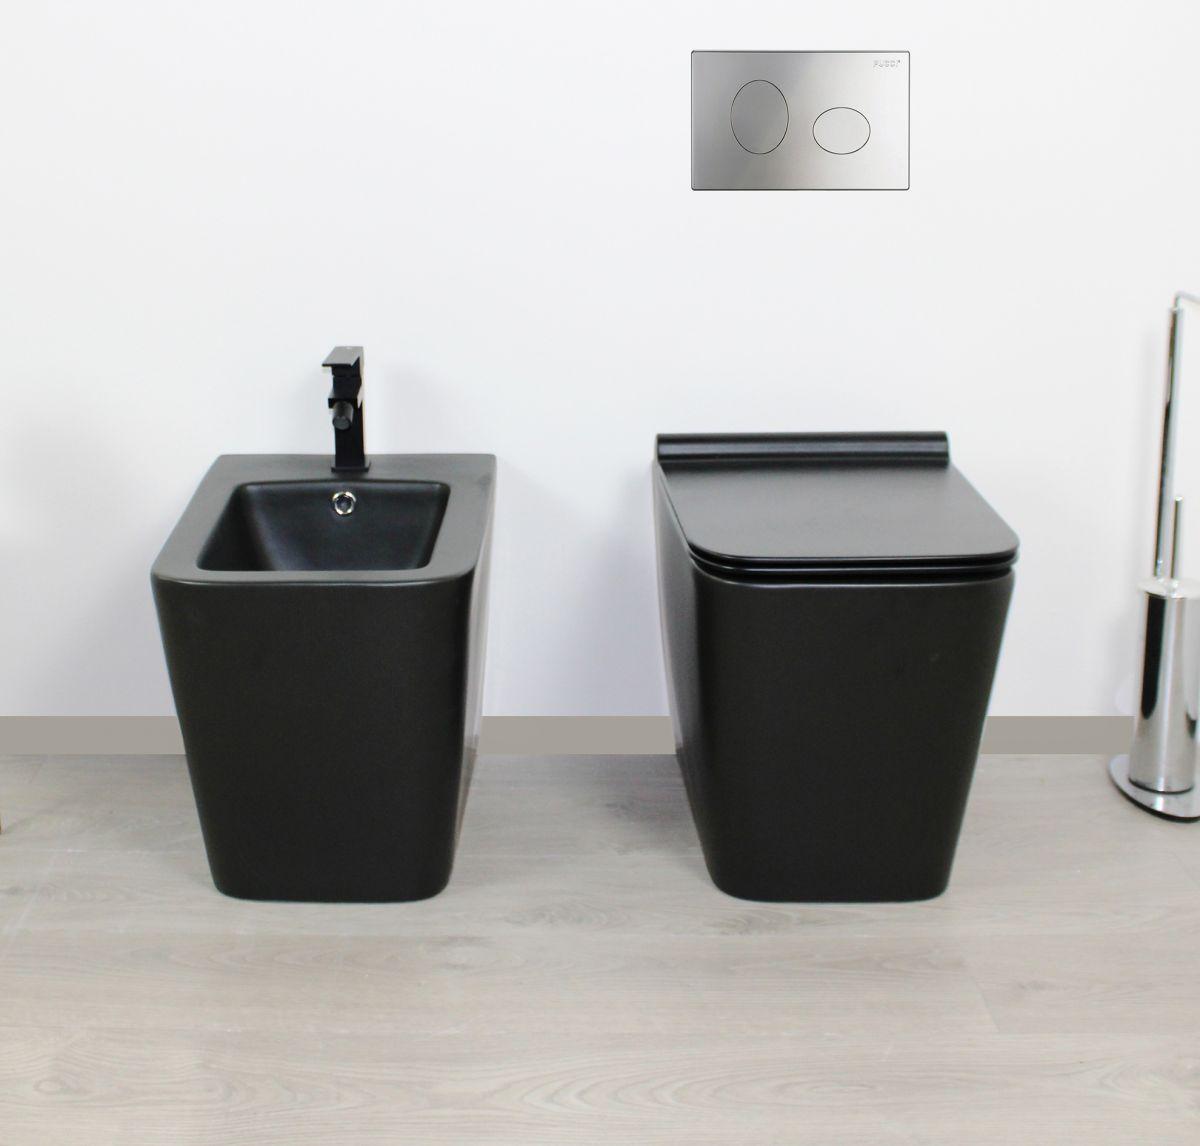 Square terra nero frontale Sanitari filo muro Square in ceramica col nero opaco Vaso+Bidet+Coprivaso Soft Close